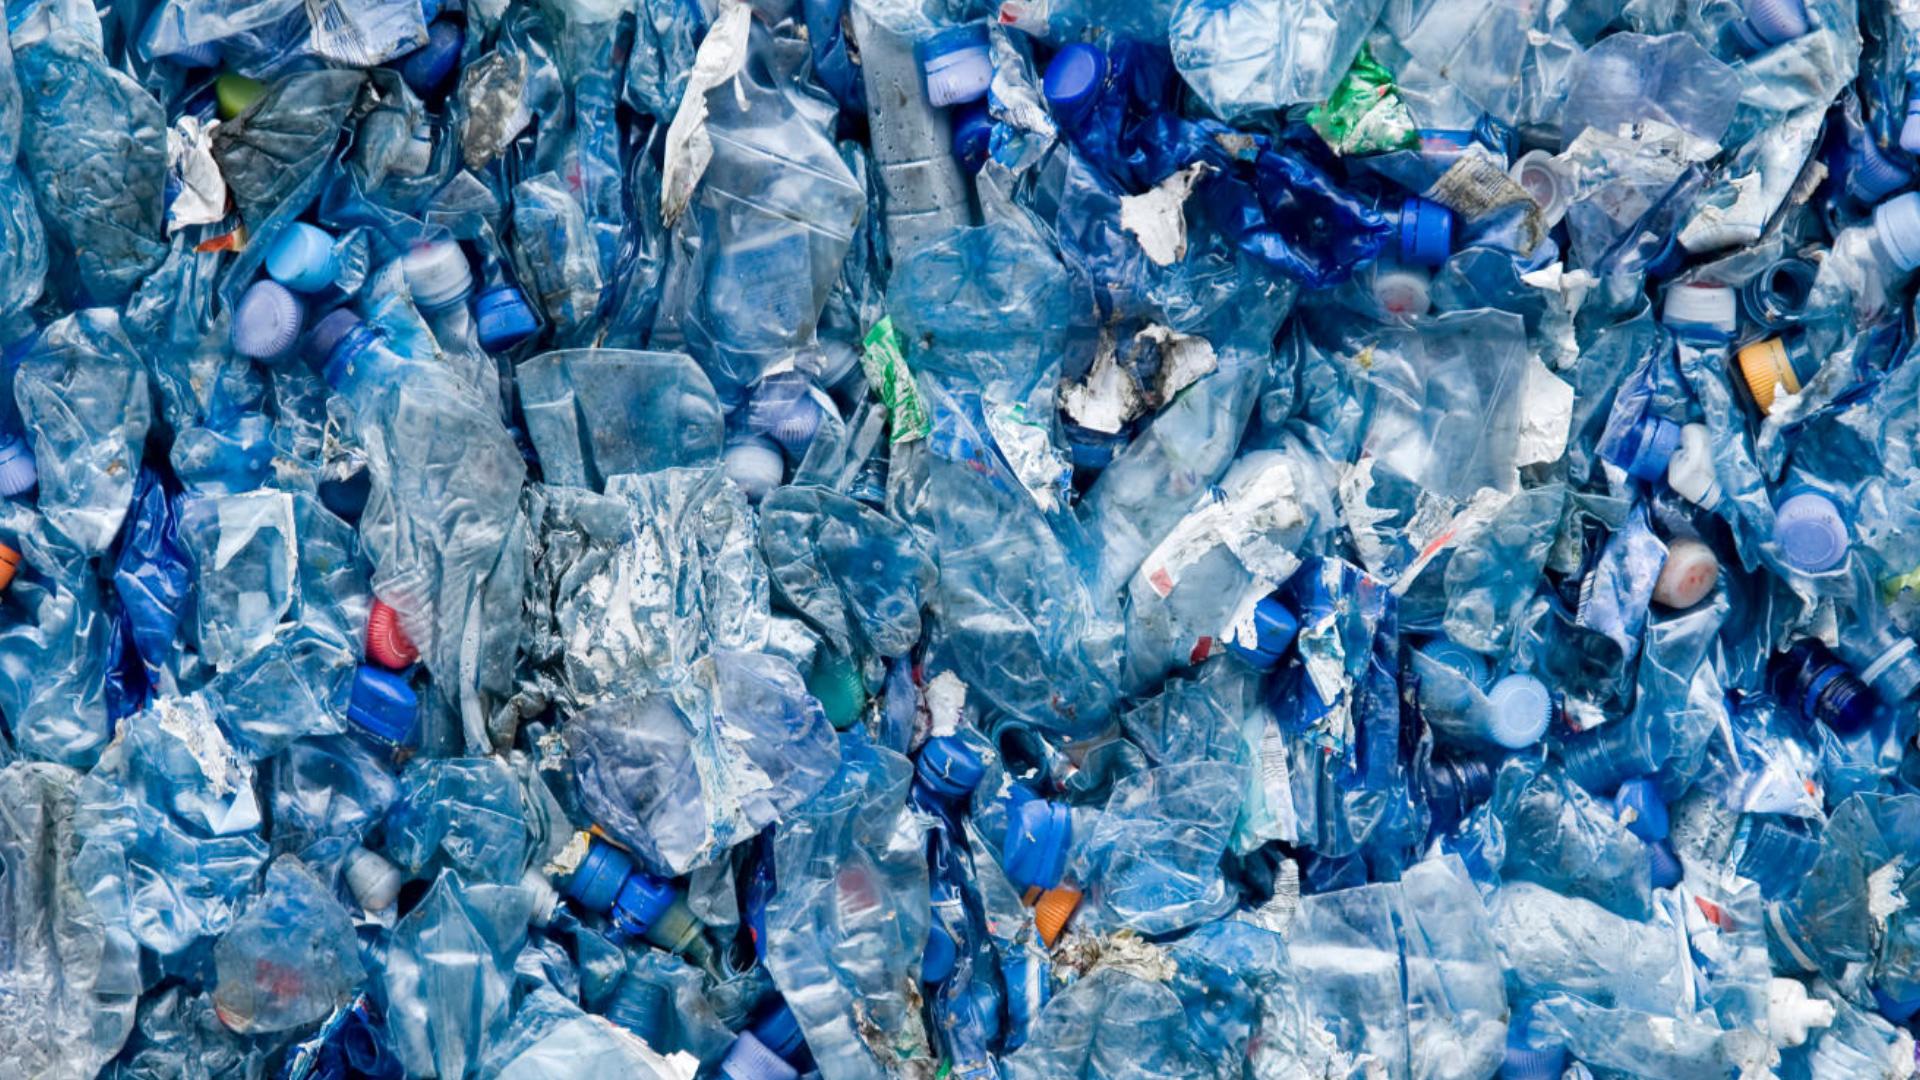 L'Europa contro la plastica: nel 2030 sarà riciclabile